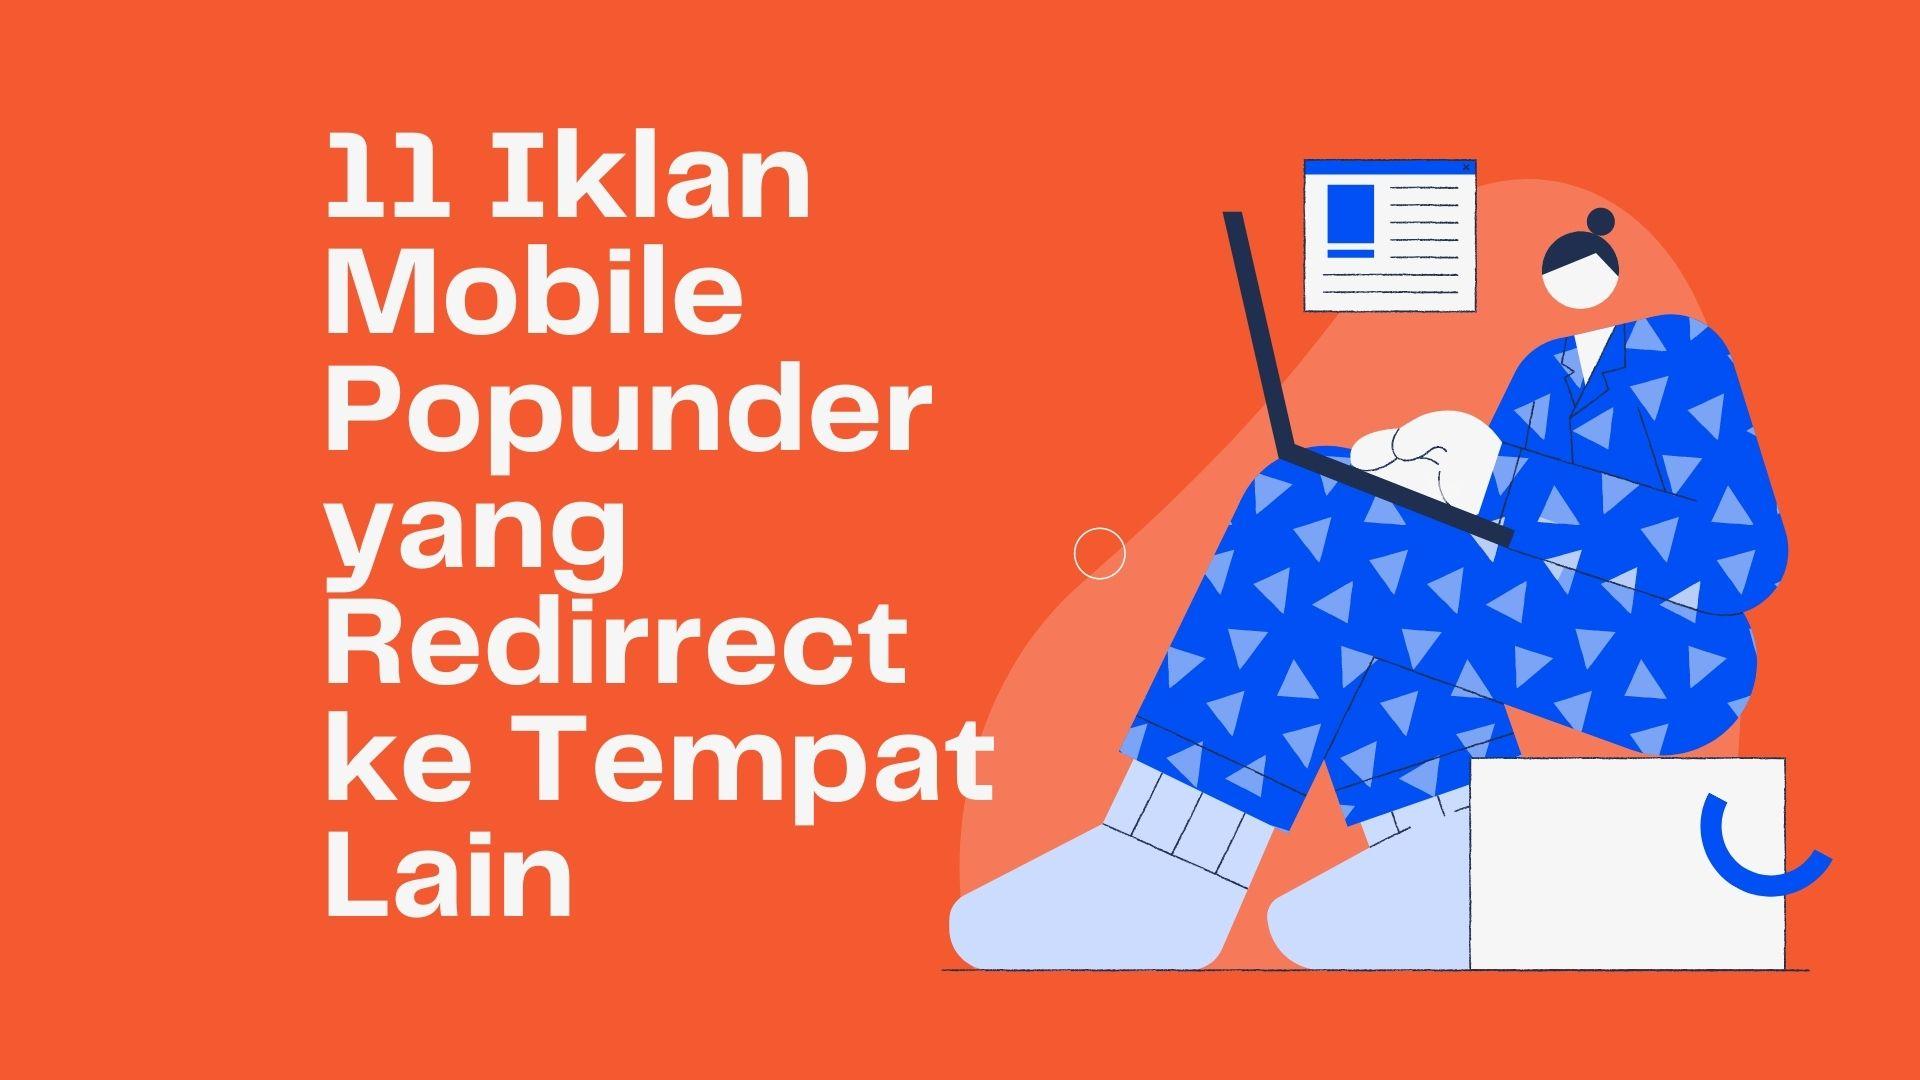 11 Iklan Mobile Popunder yang Redirrect ke Tempat Lain